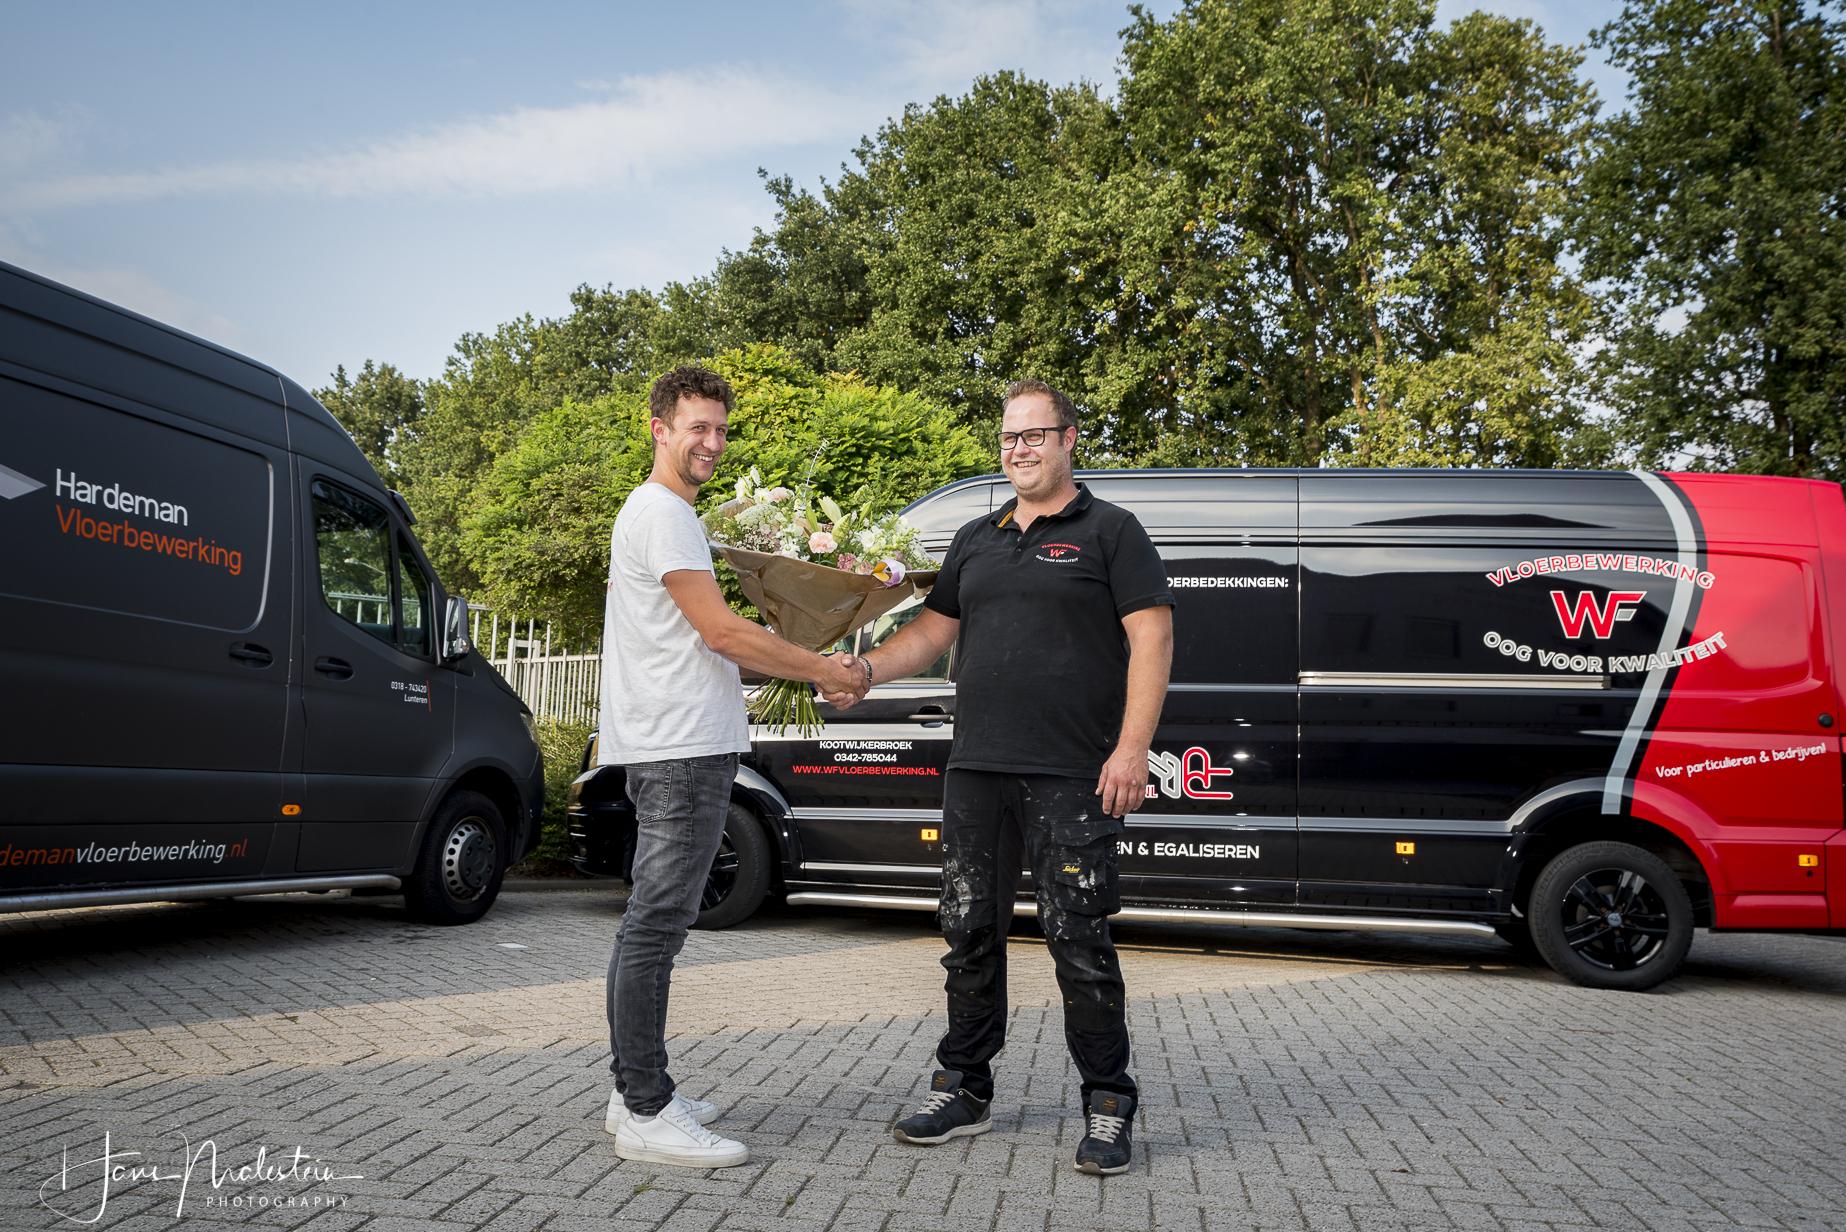 Ardi Hardeman en Willem-Jan van 't Foort